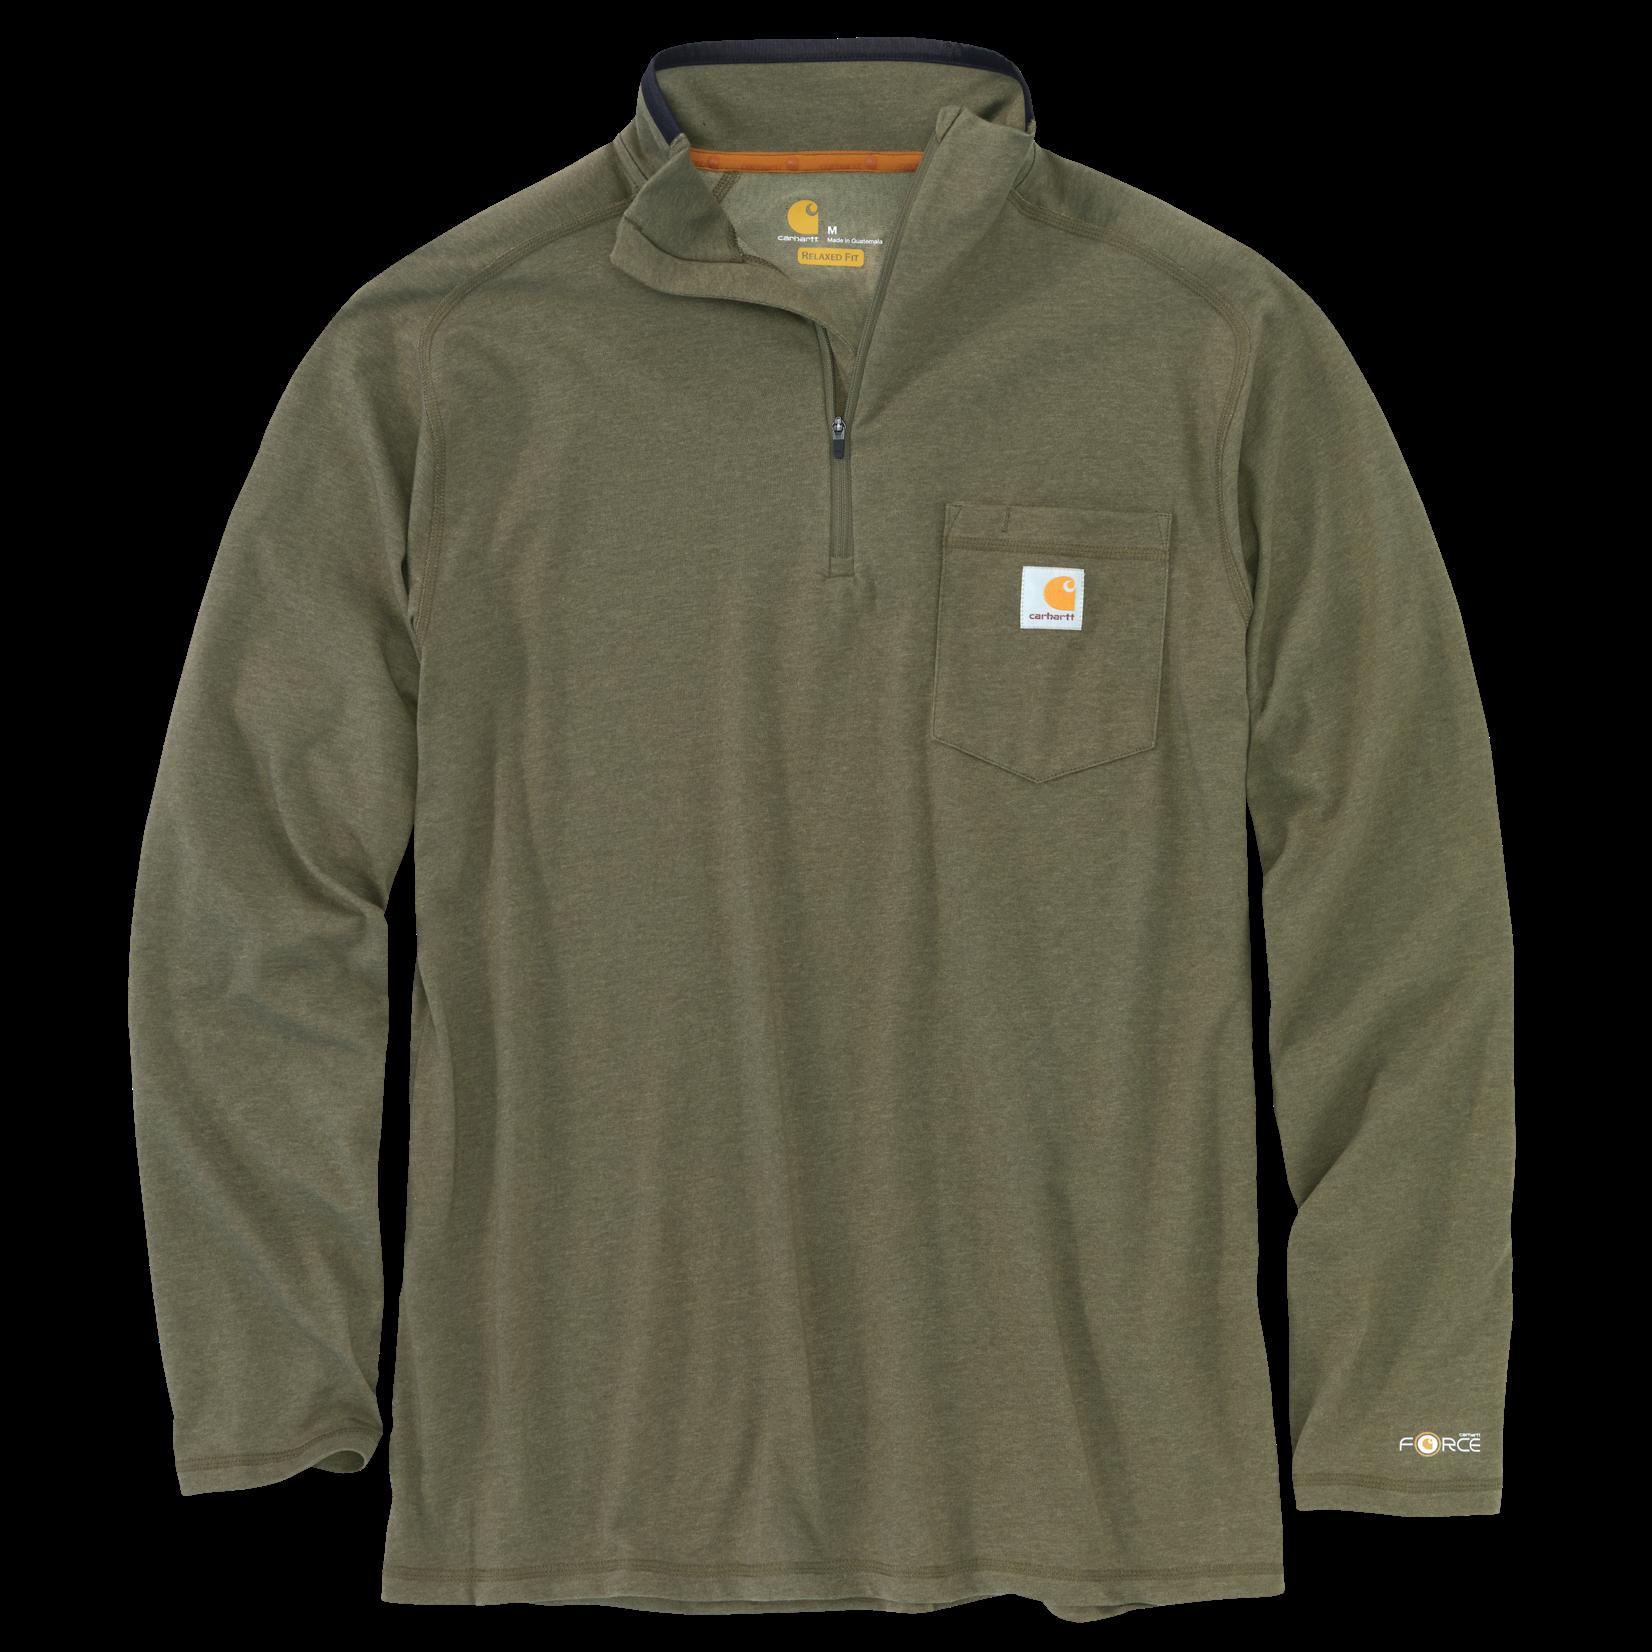 Carhartt Carhartt 104255 Relaxed Fit Mid Weight Long Sleeve Quarter Zip Mock Neck - 387 Moss Heather